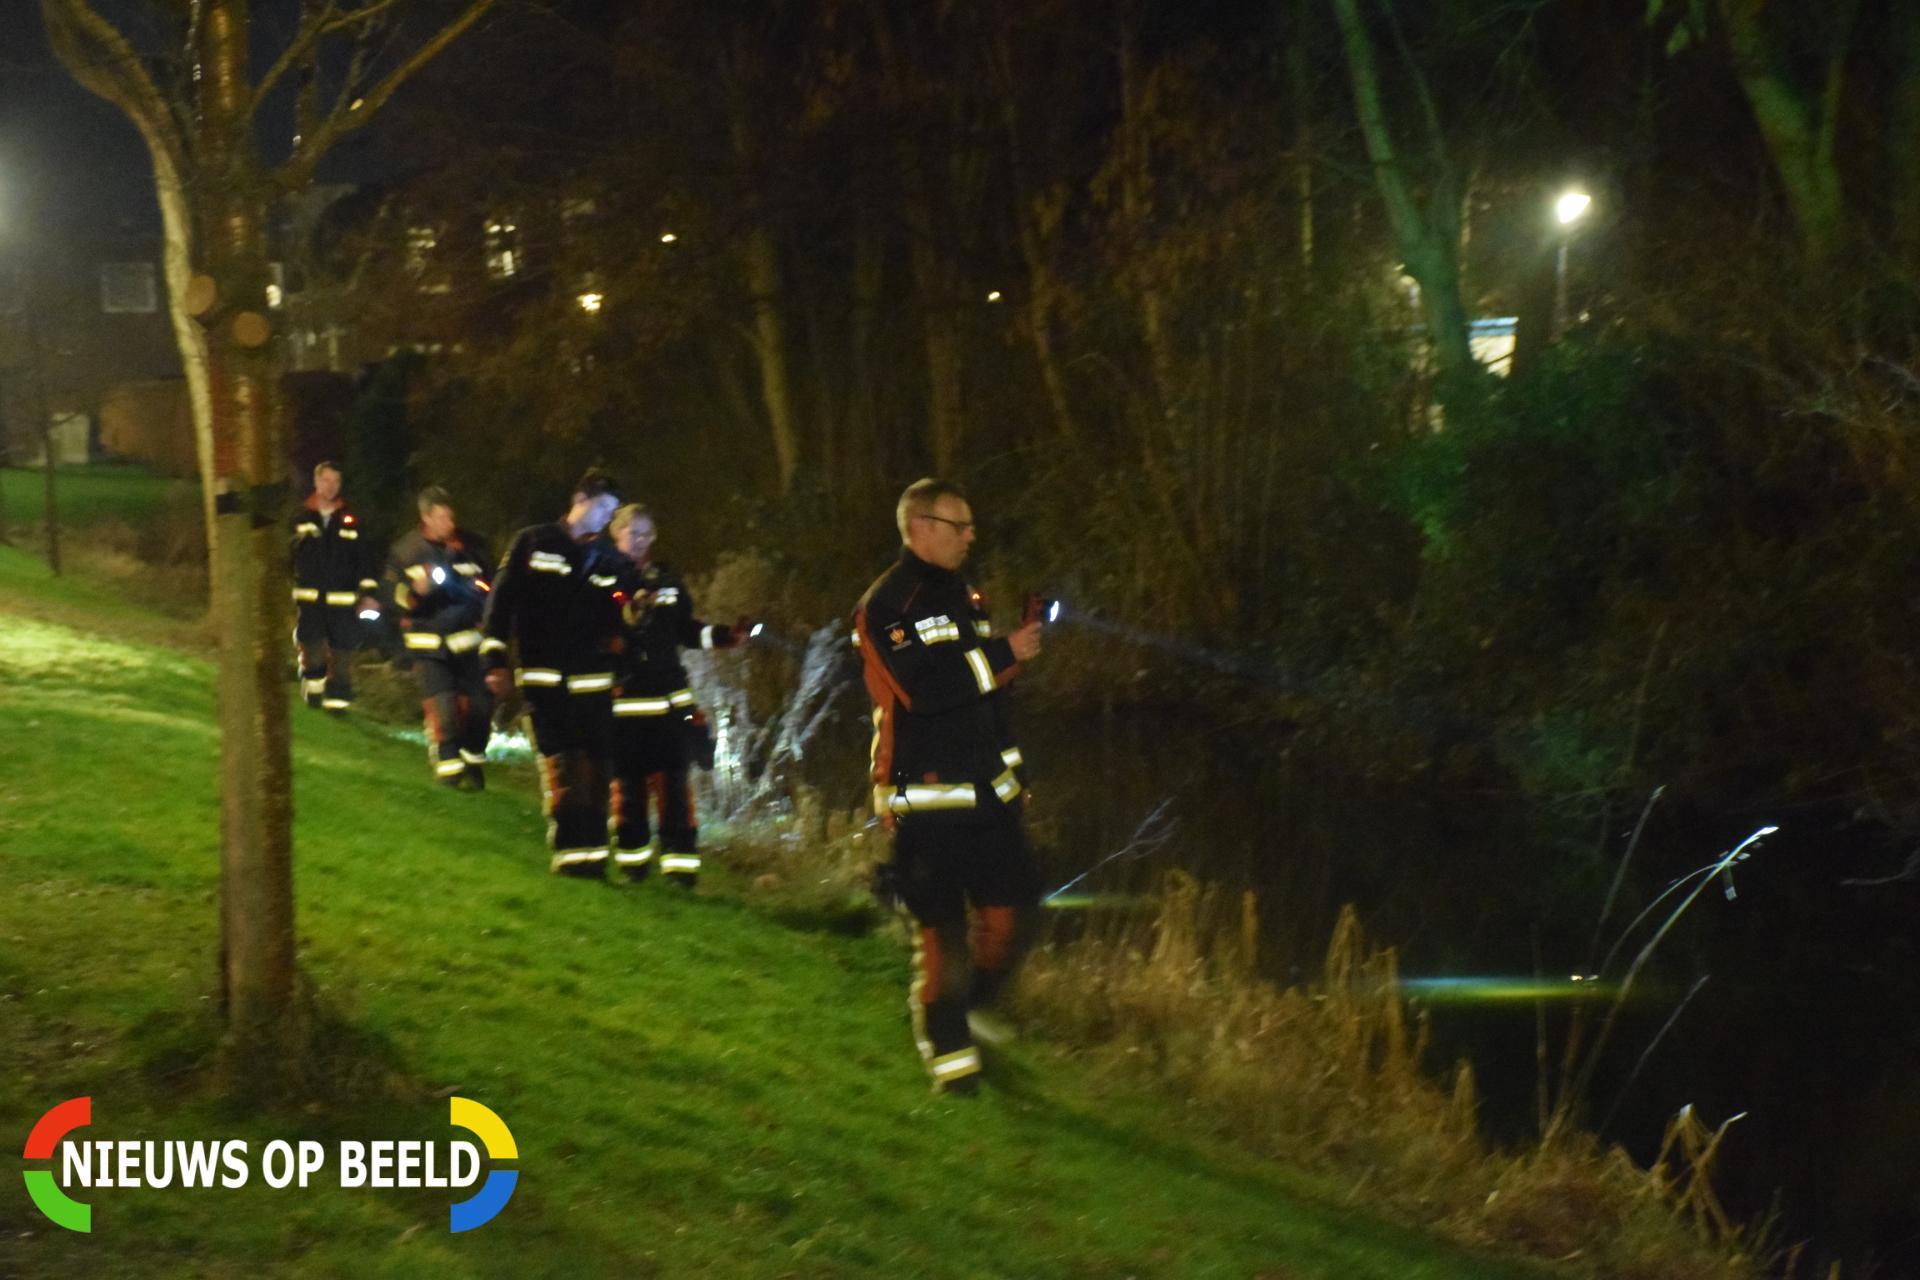 Zoektocht in sloot na zien van fietslampje in water Paltrokmolen Alphen aan den Rijn